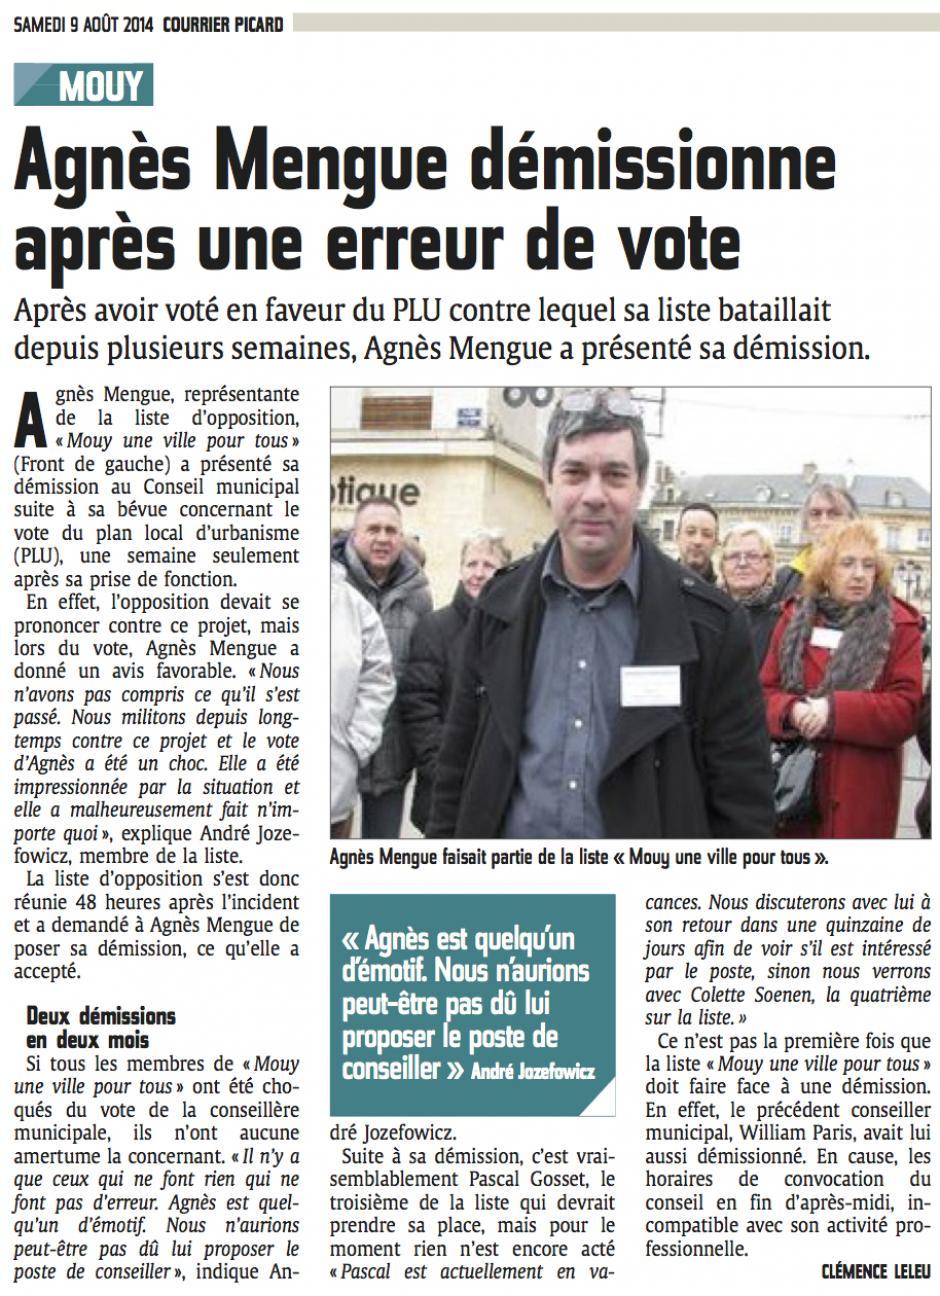 20140809-CP-Mouy-Agnès Mengue démissionne après une erreur de vote